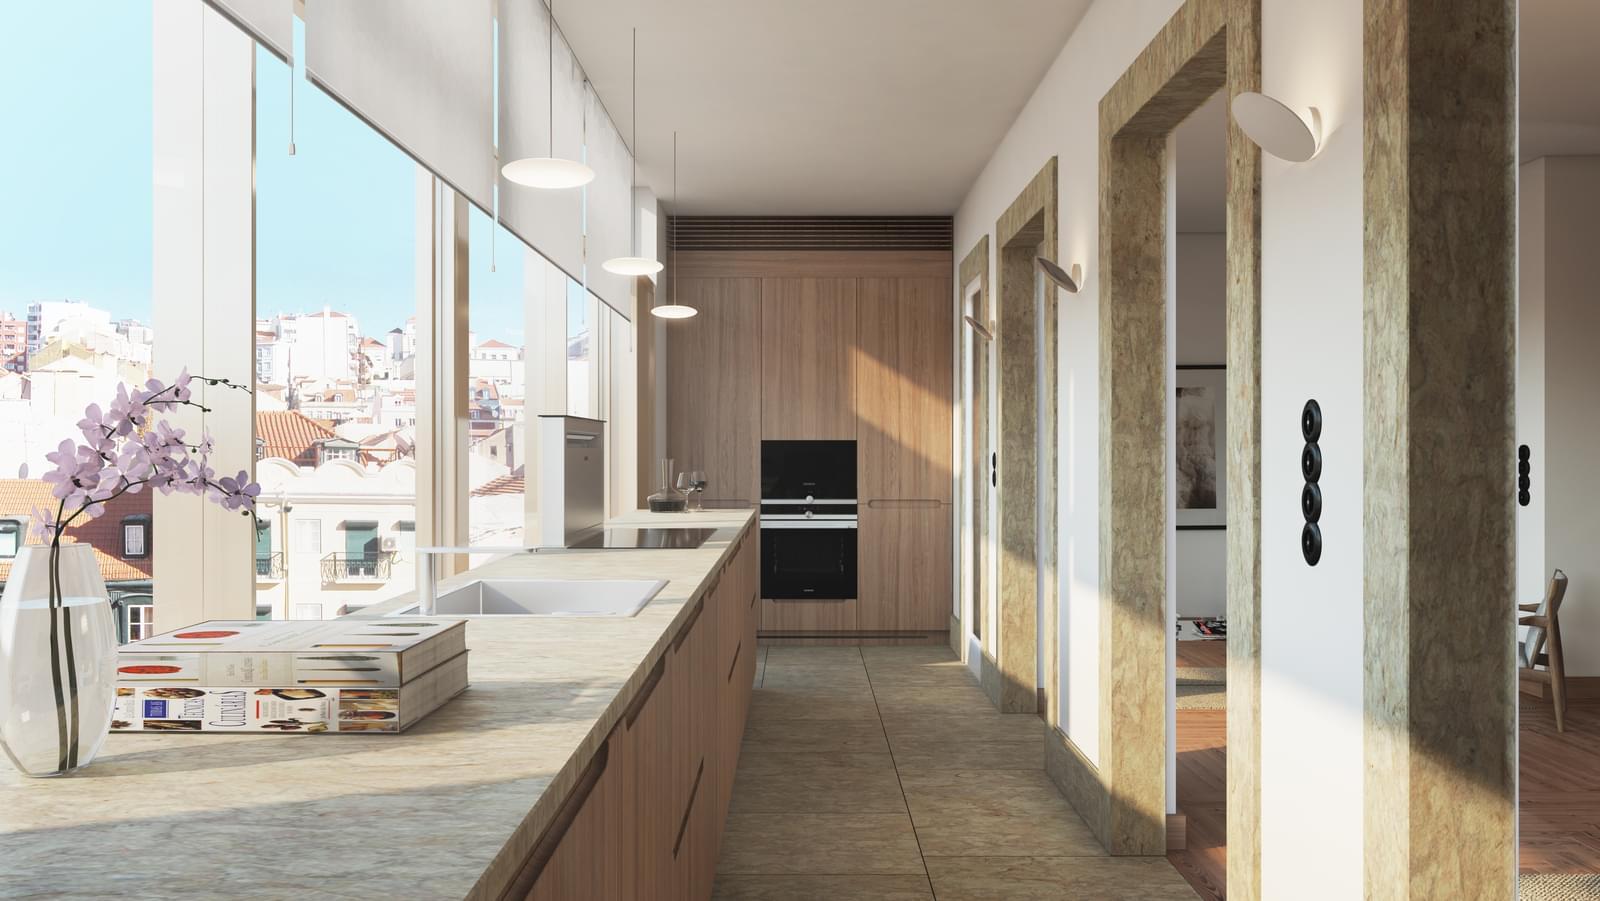 pf18665-apartamento-t3-2-lisboa-82a5a173-6eab-4c3d-90ac-83a34af2976c